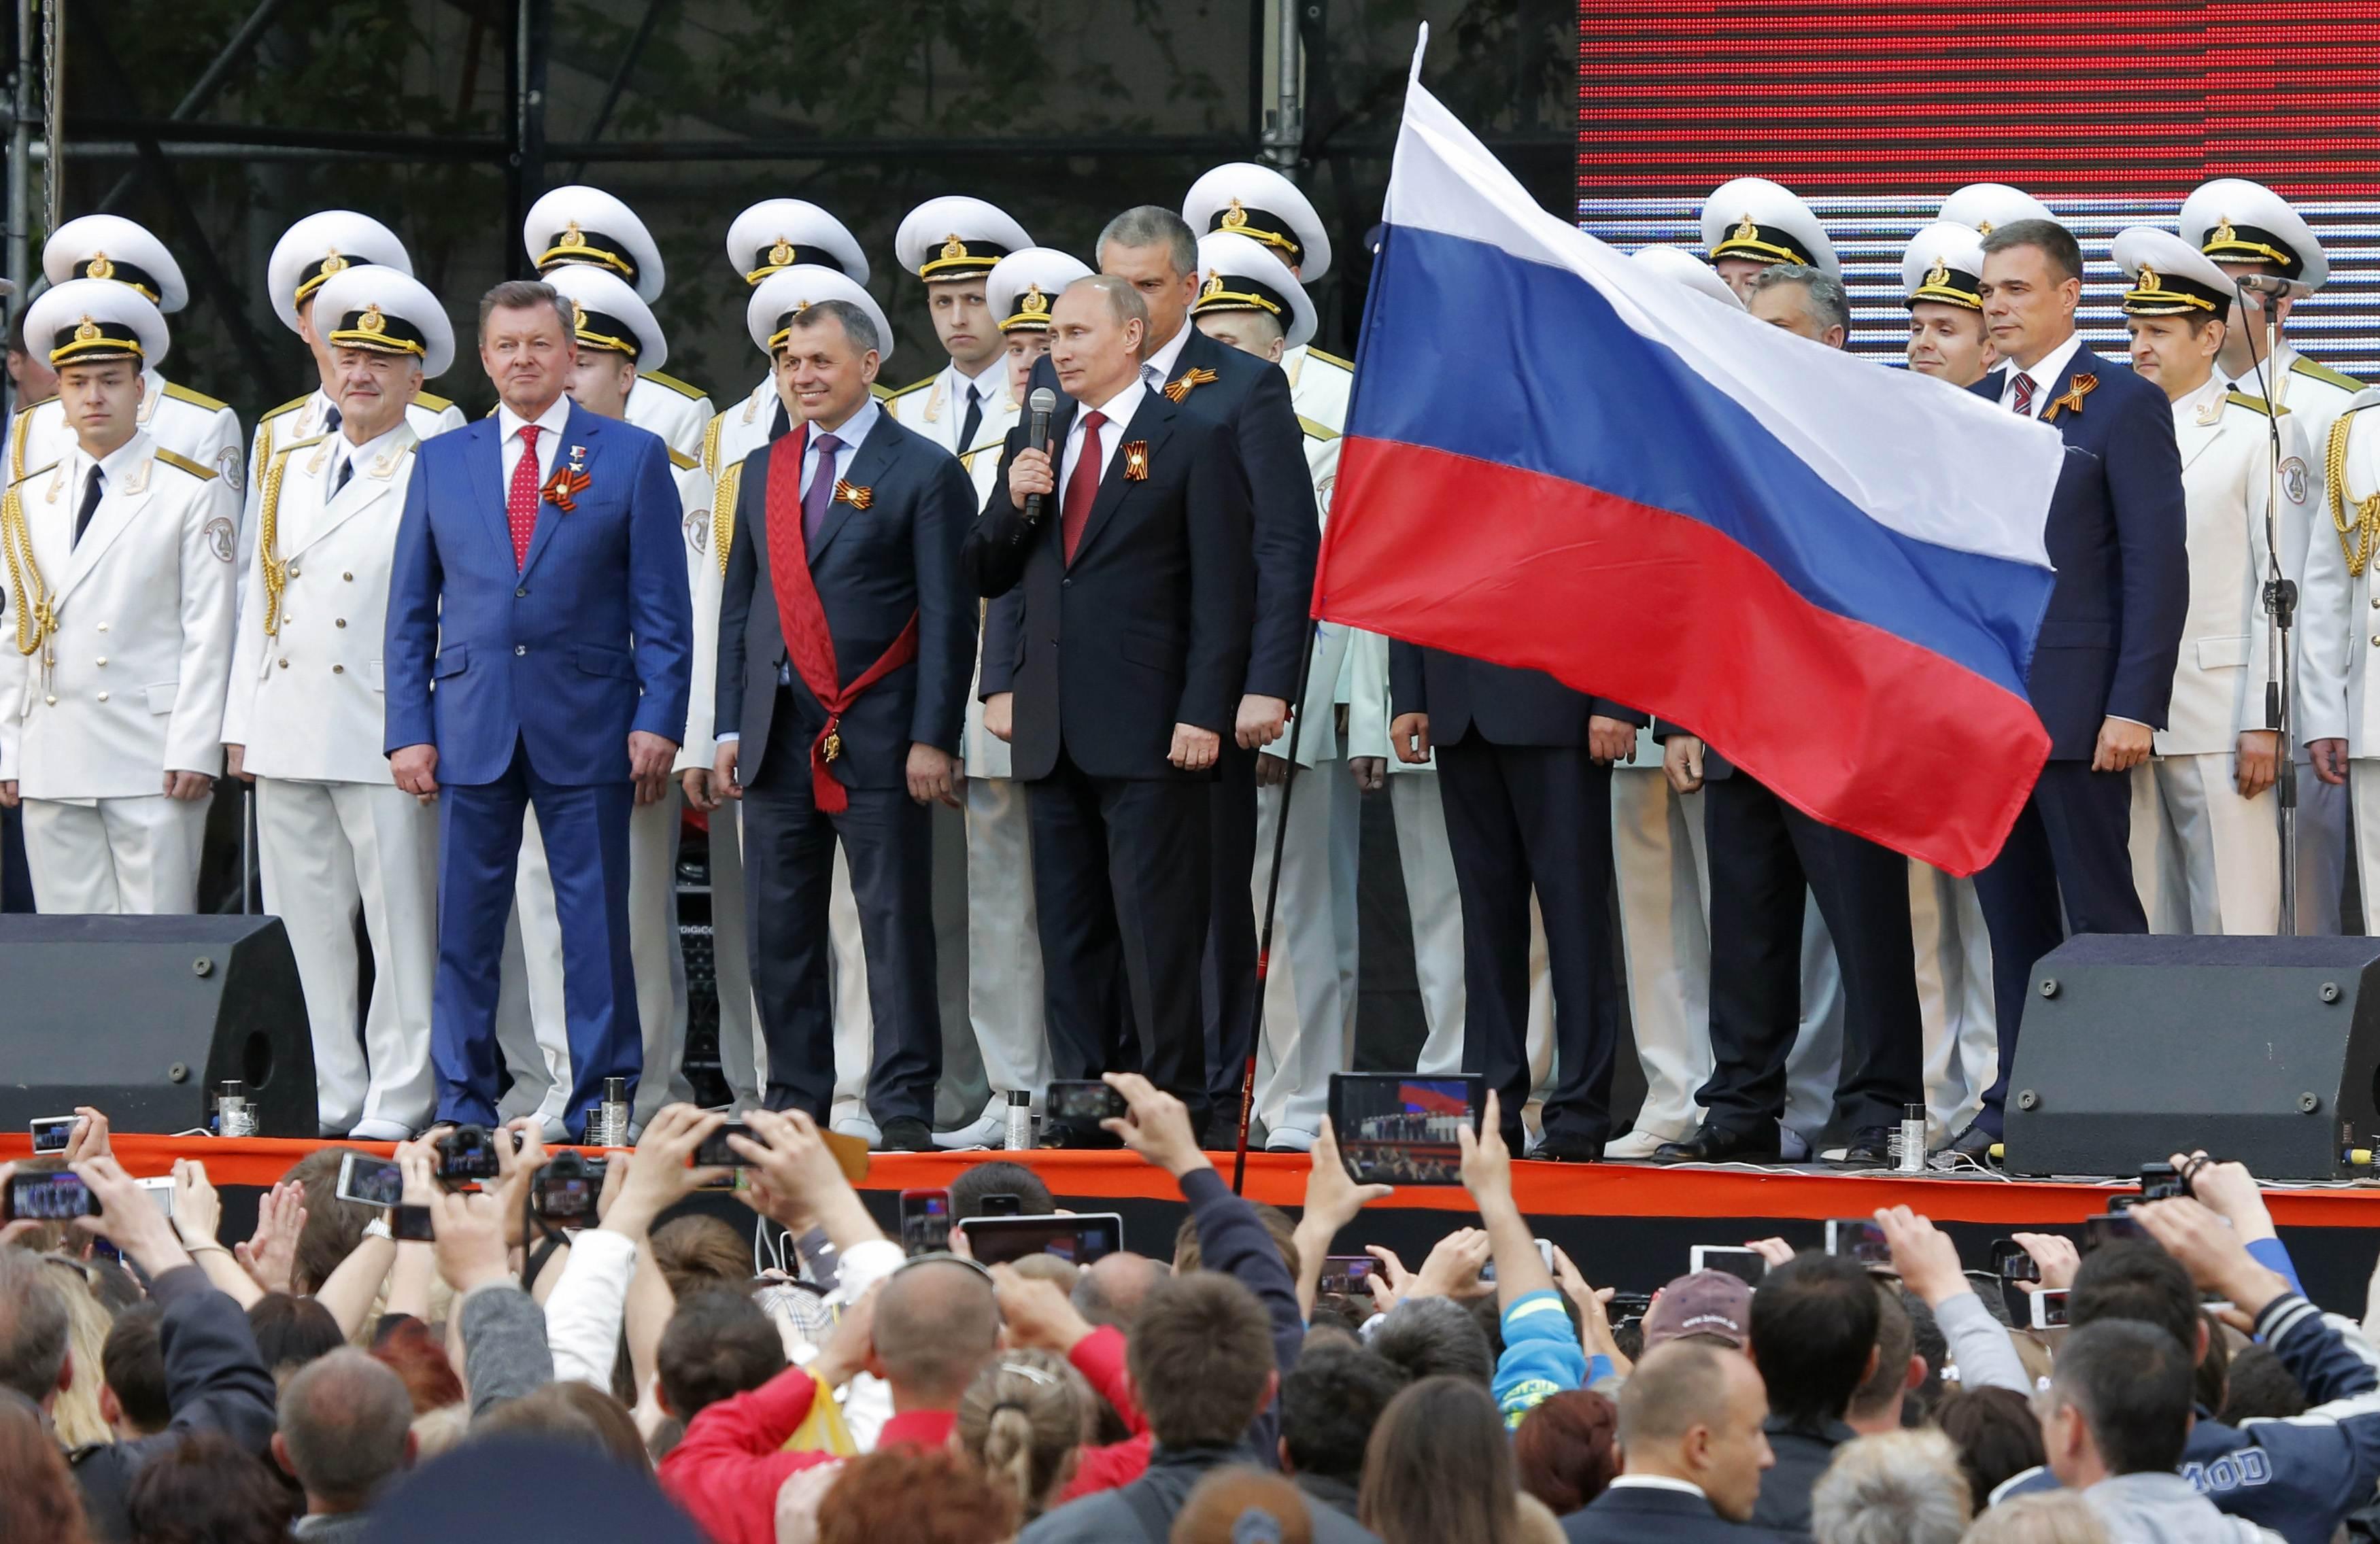 Кремль ведет против Украины психологическую операцию